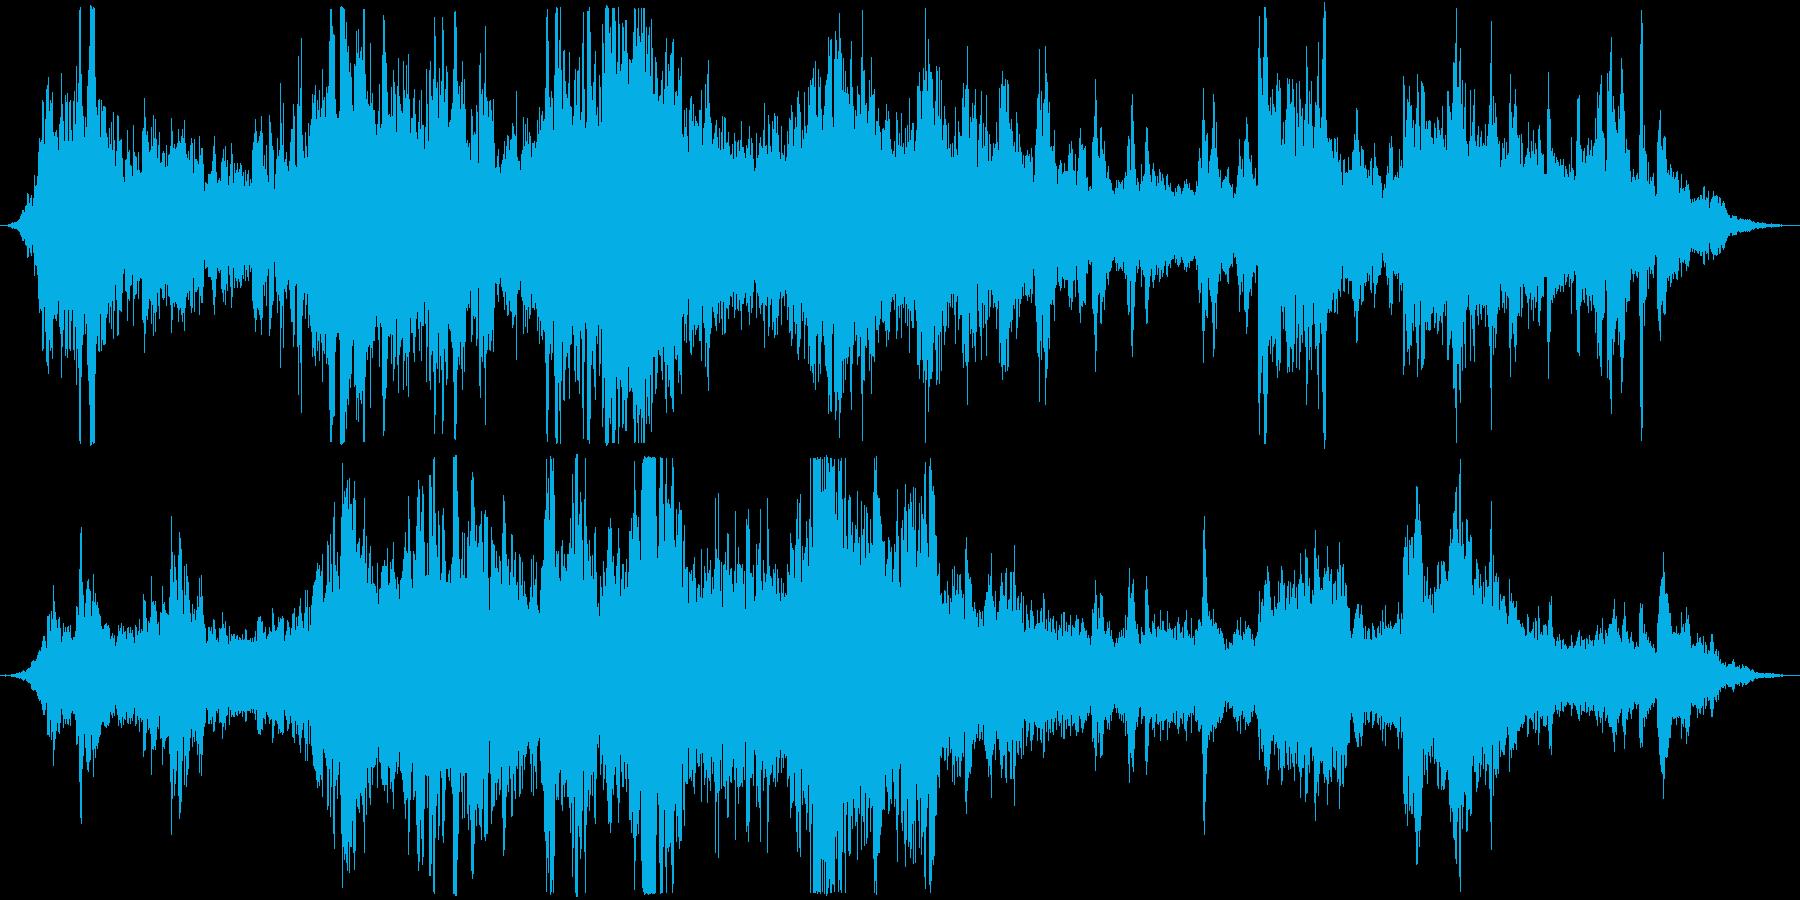 だんだん怖いものが迫ってくるBGMの再生済みの波形